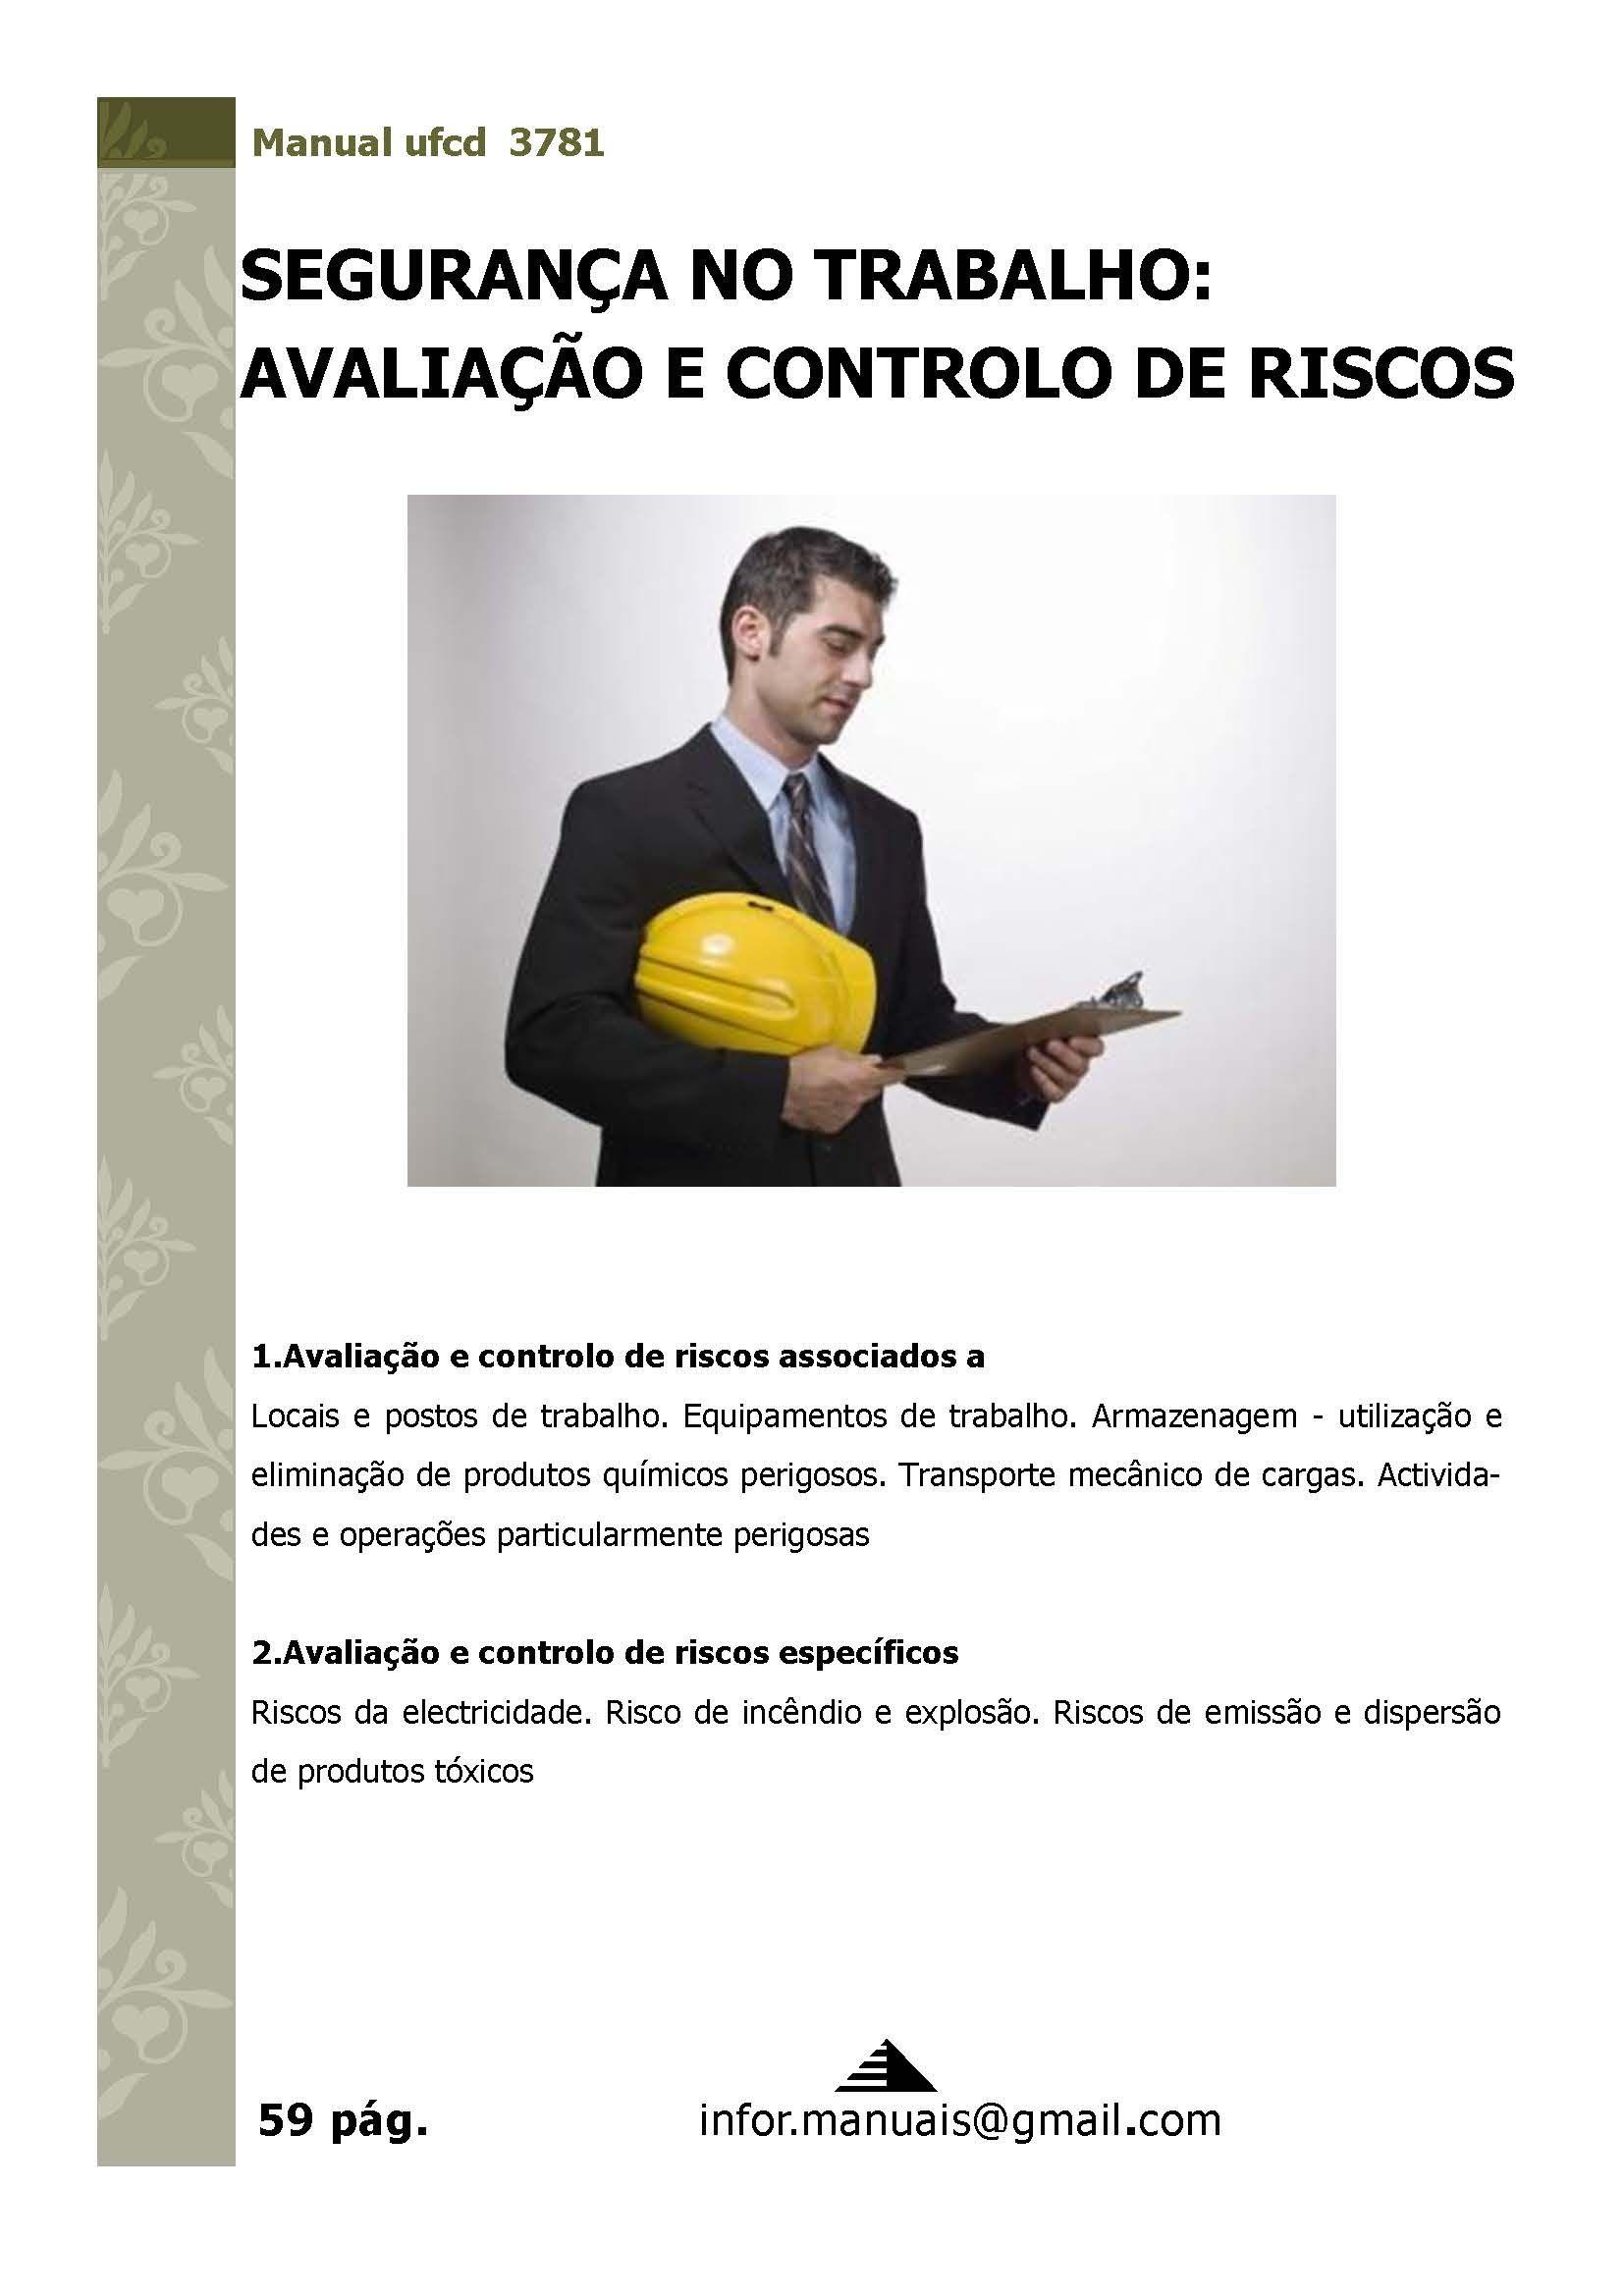 3781. Segurança no trabalho avaliação e controlo de riscos